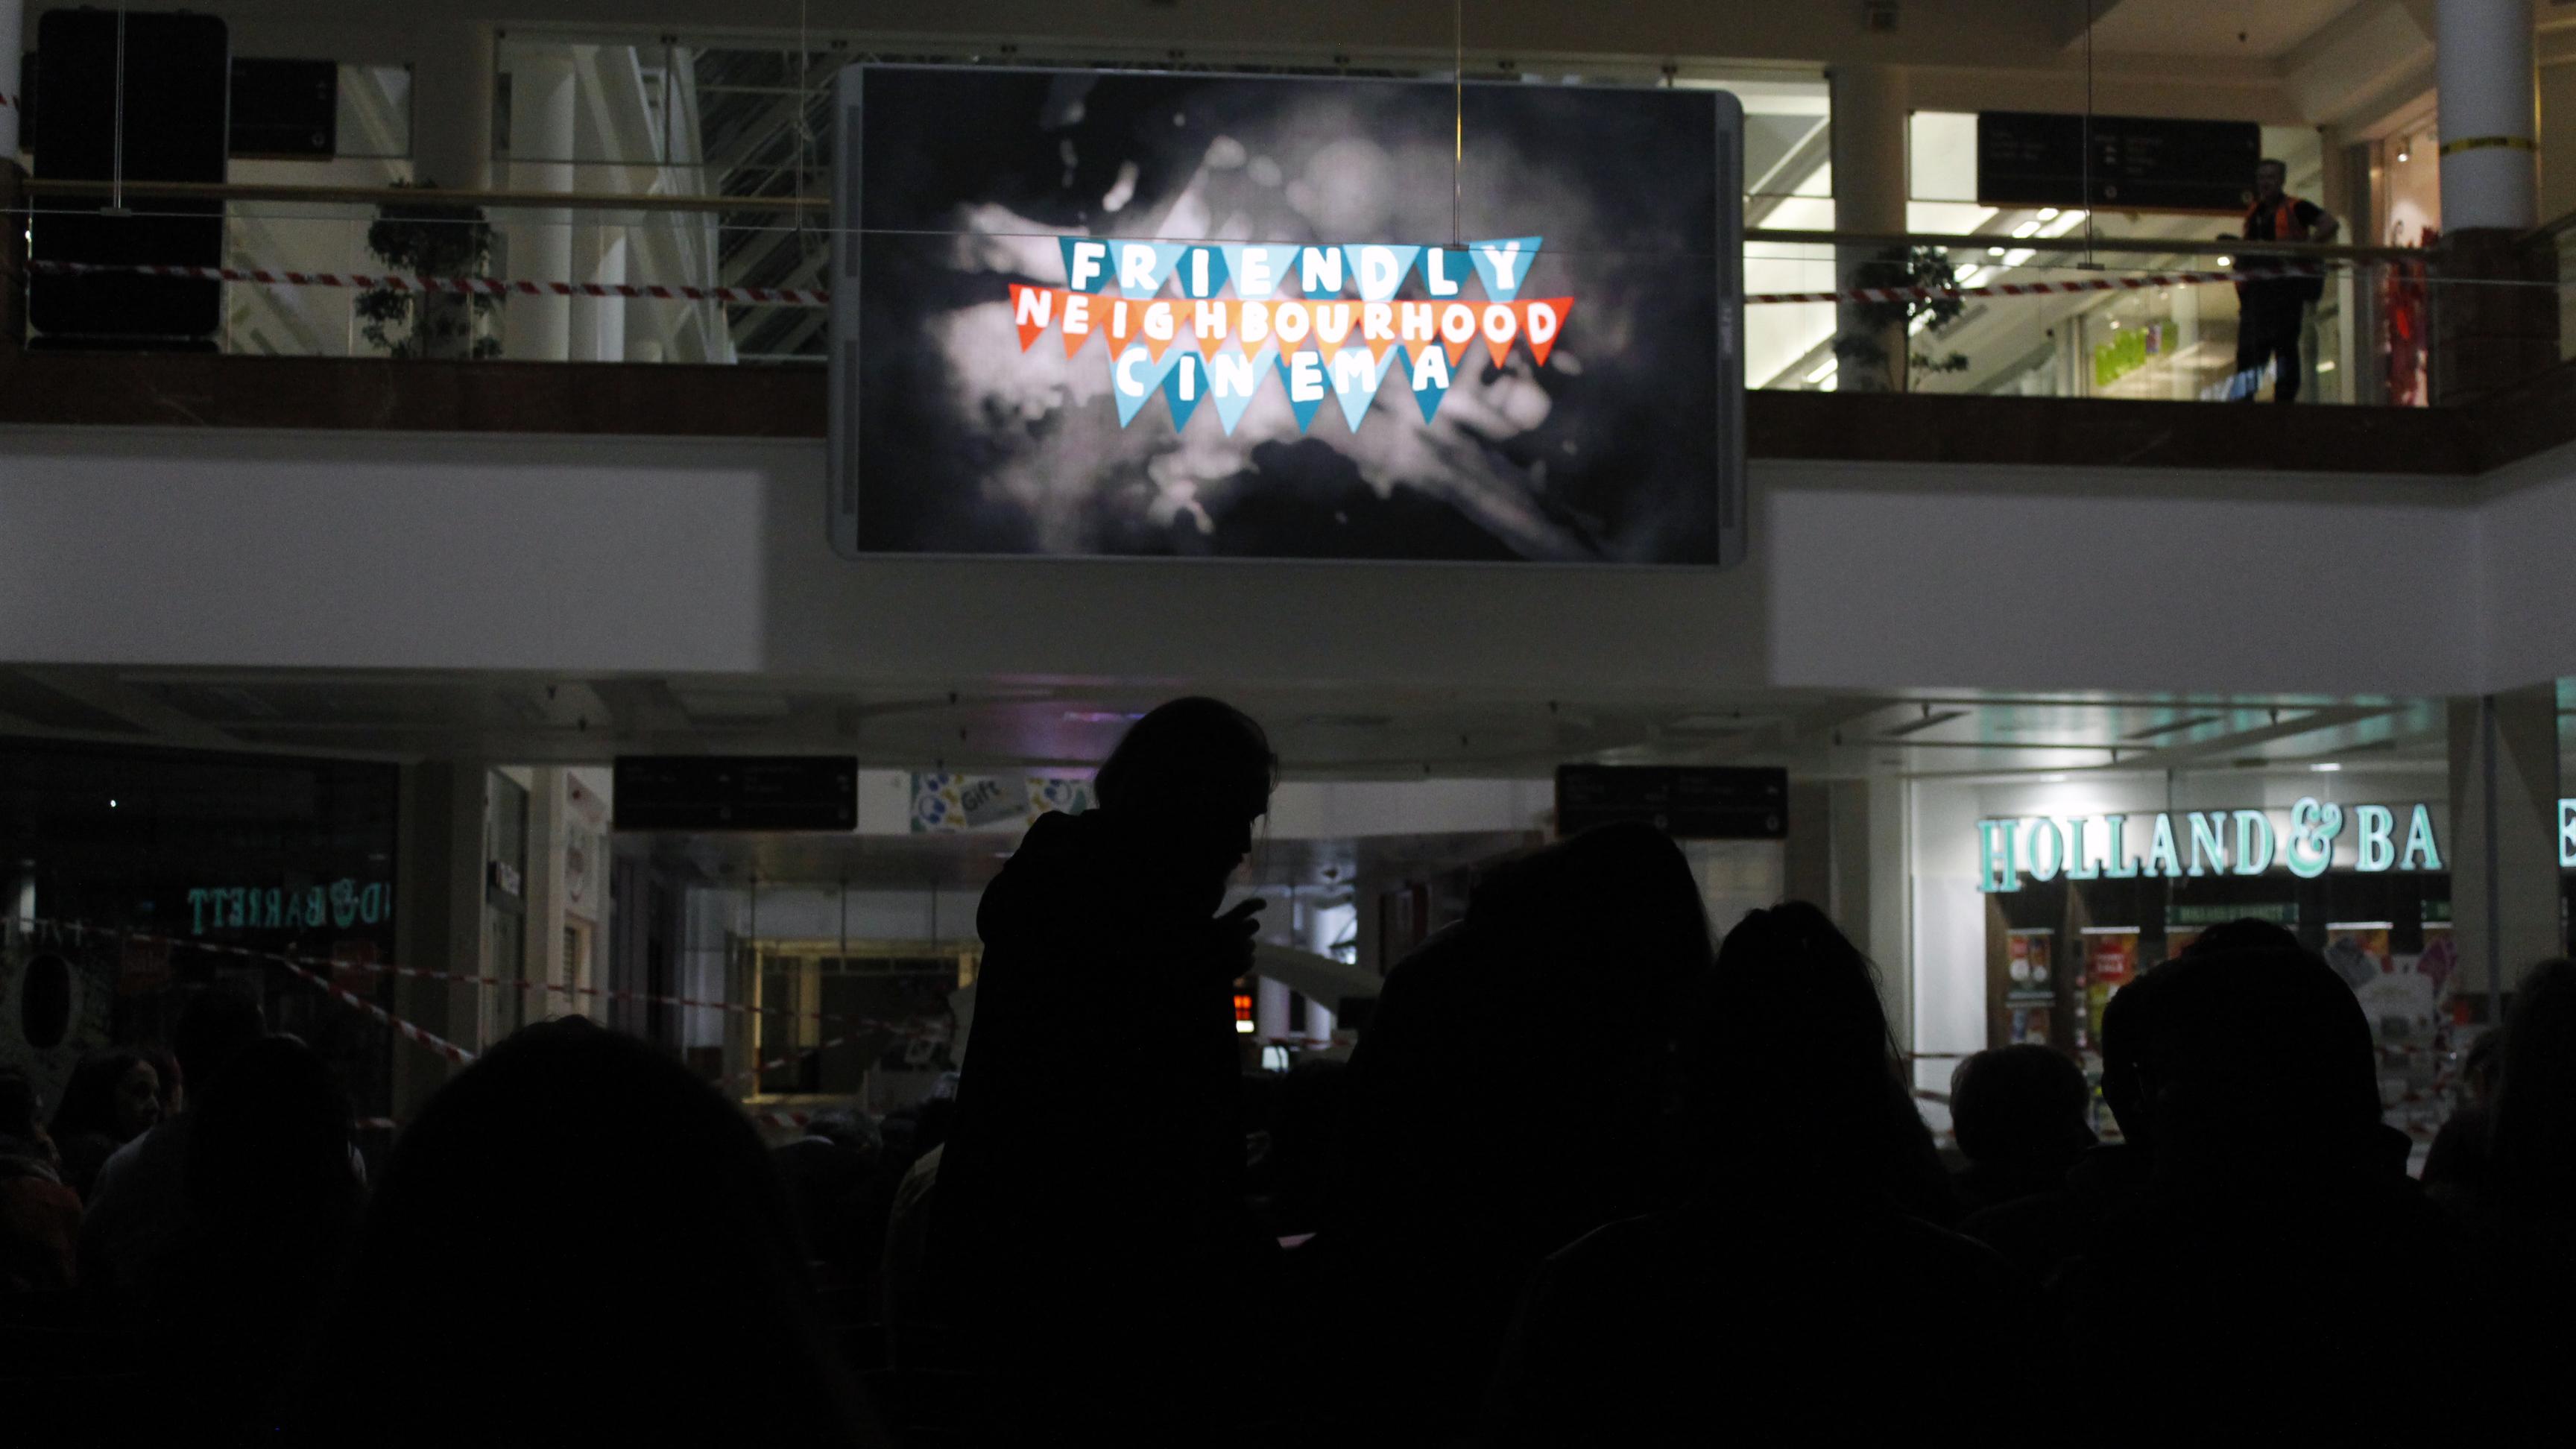 FNC Mezza Screen Ad